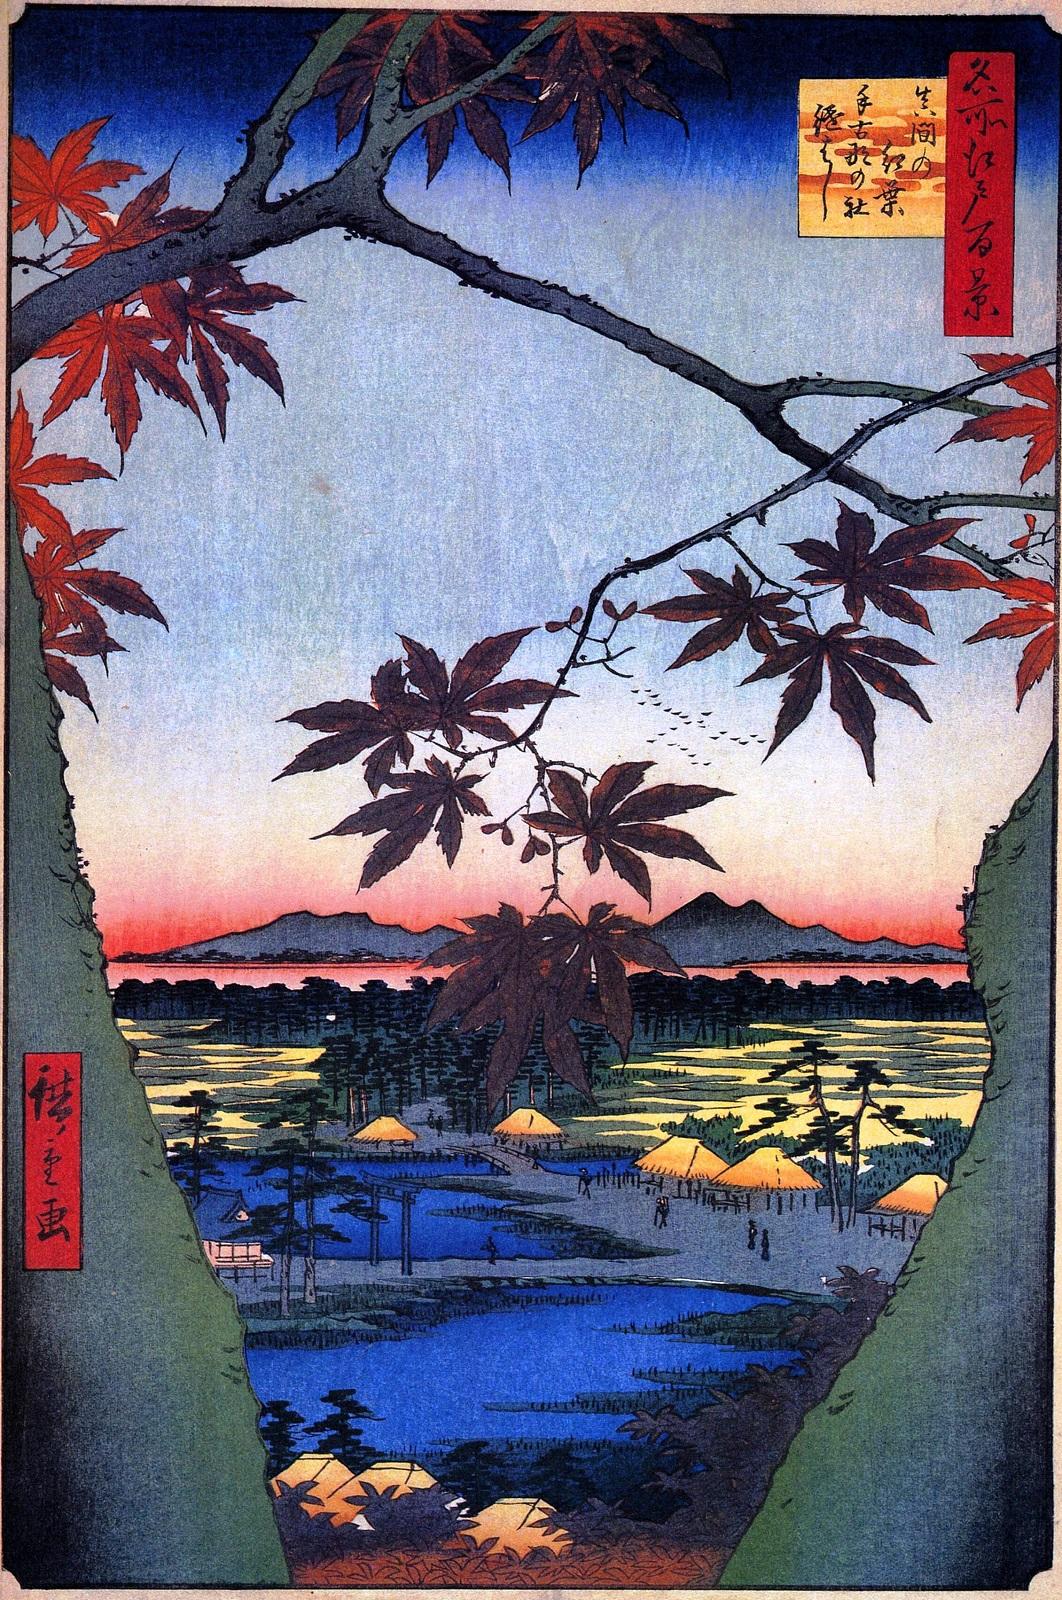 Японский пейзаж. Хиросигэ. «Кленовые листья и храм и мост Текона в Мама» («Сто знаменитых видов Эдо», лист №94)